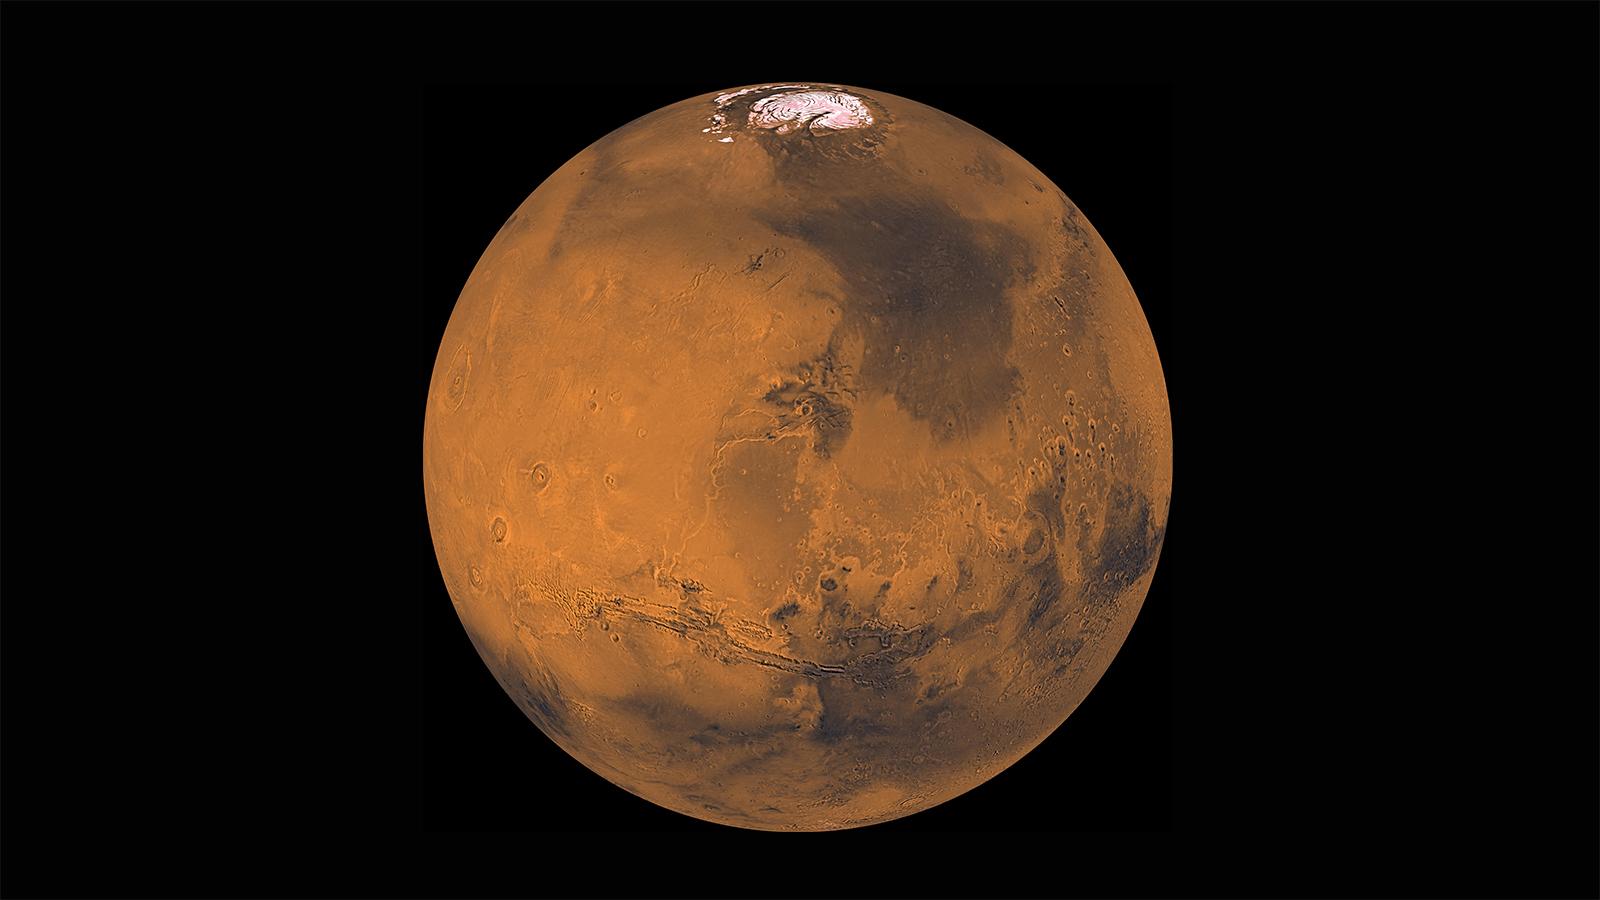 احتمال وجود یخ و آب در مریخ